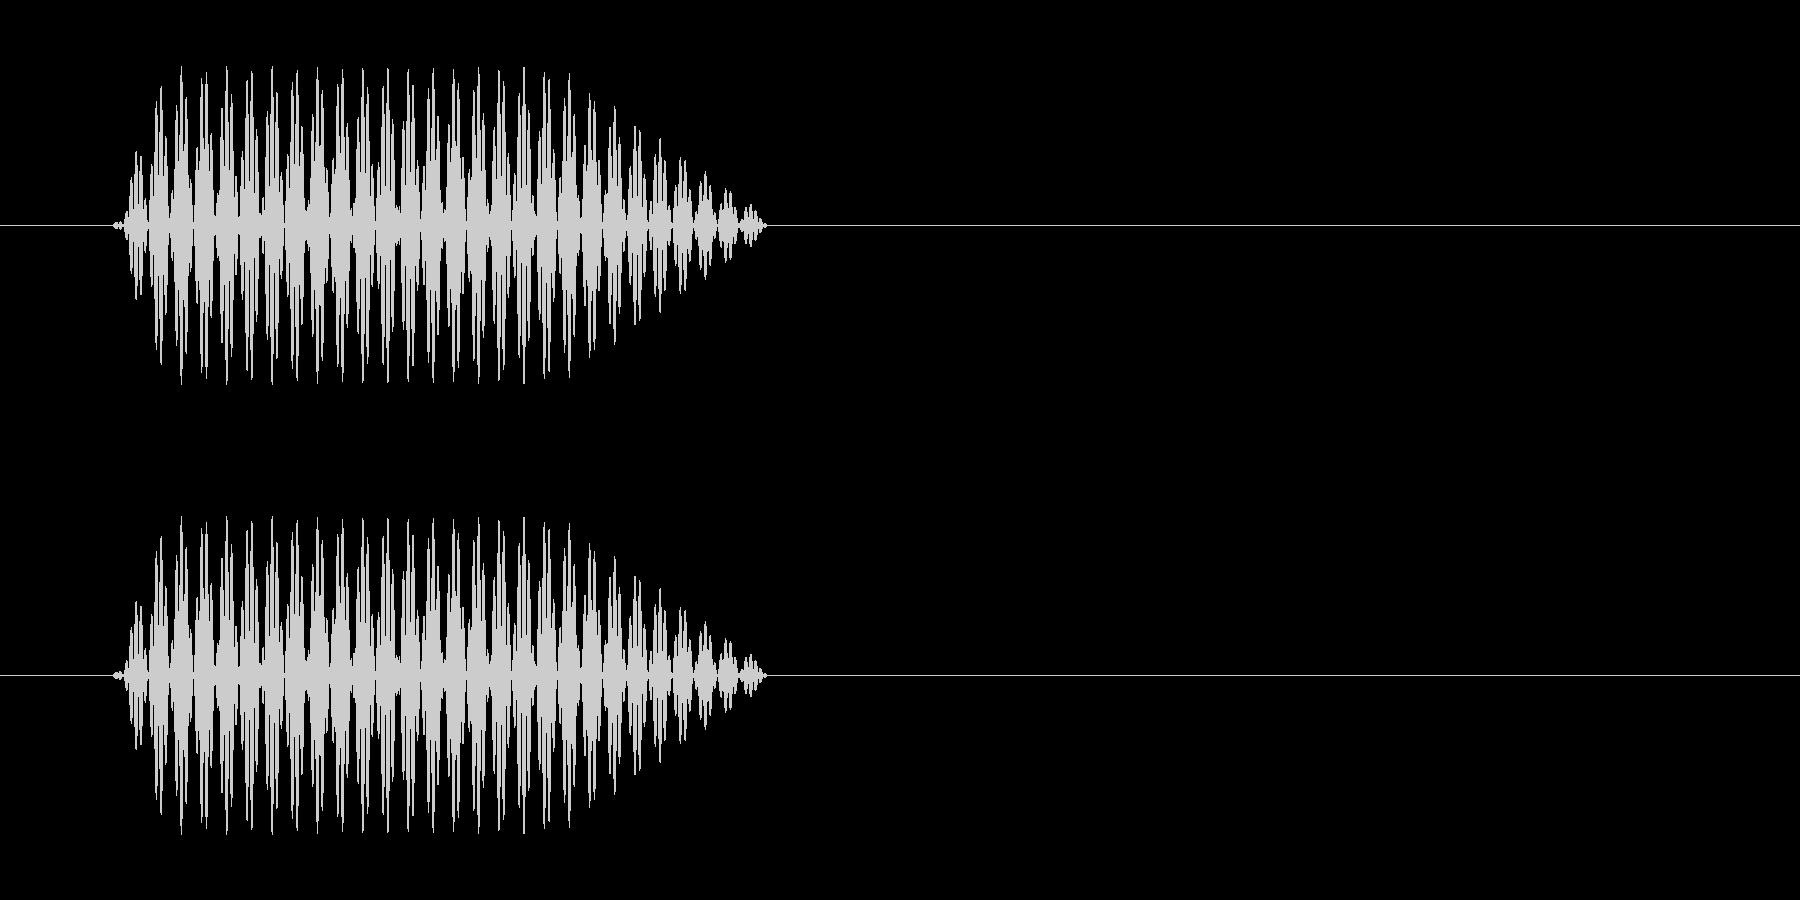 ポッという軽いクリック音の未再生の波形